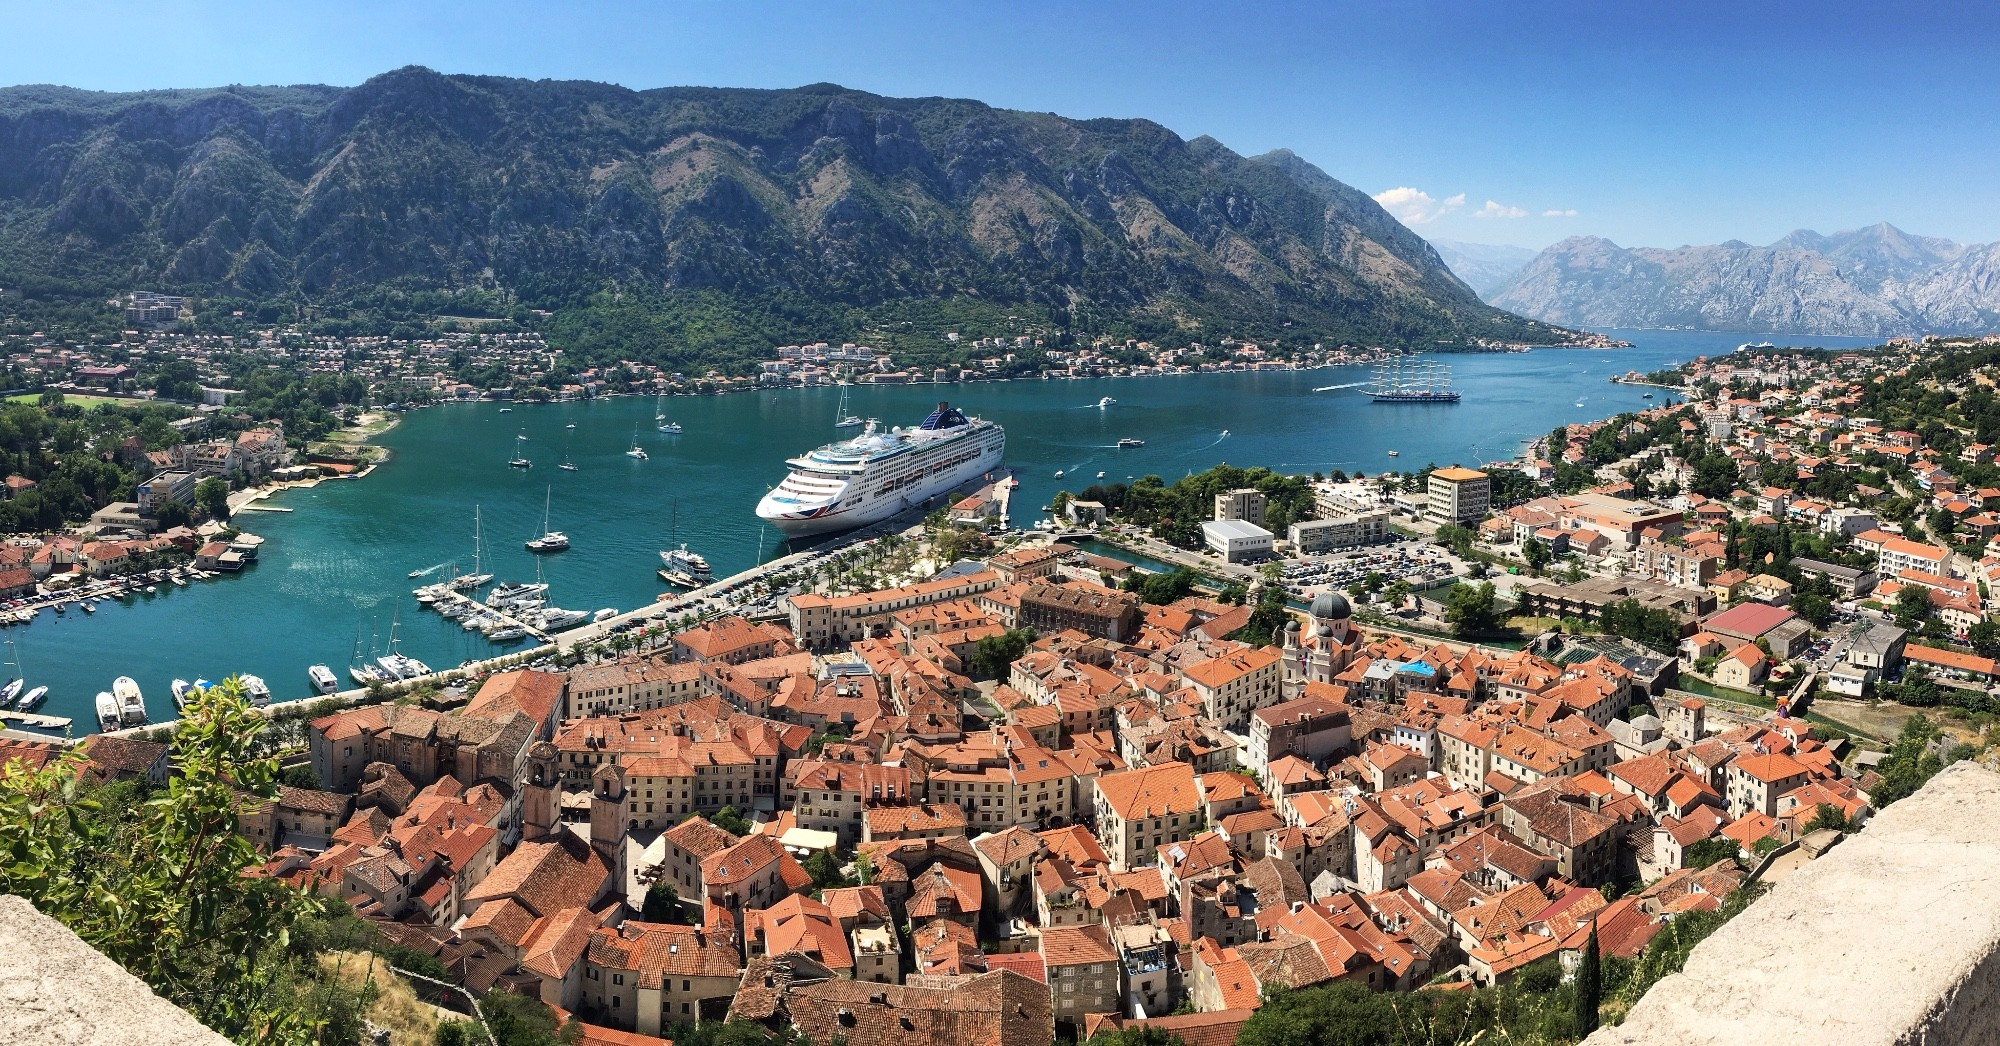 красивые виды черногории фото вам предложить